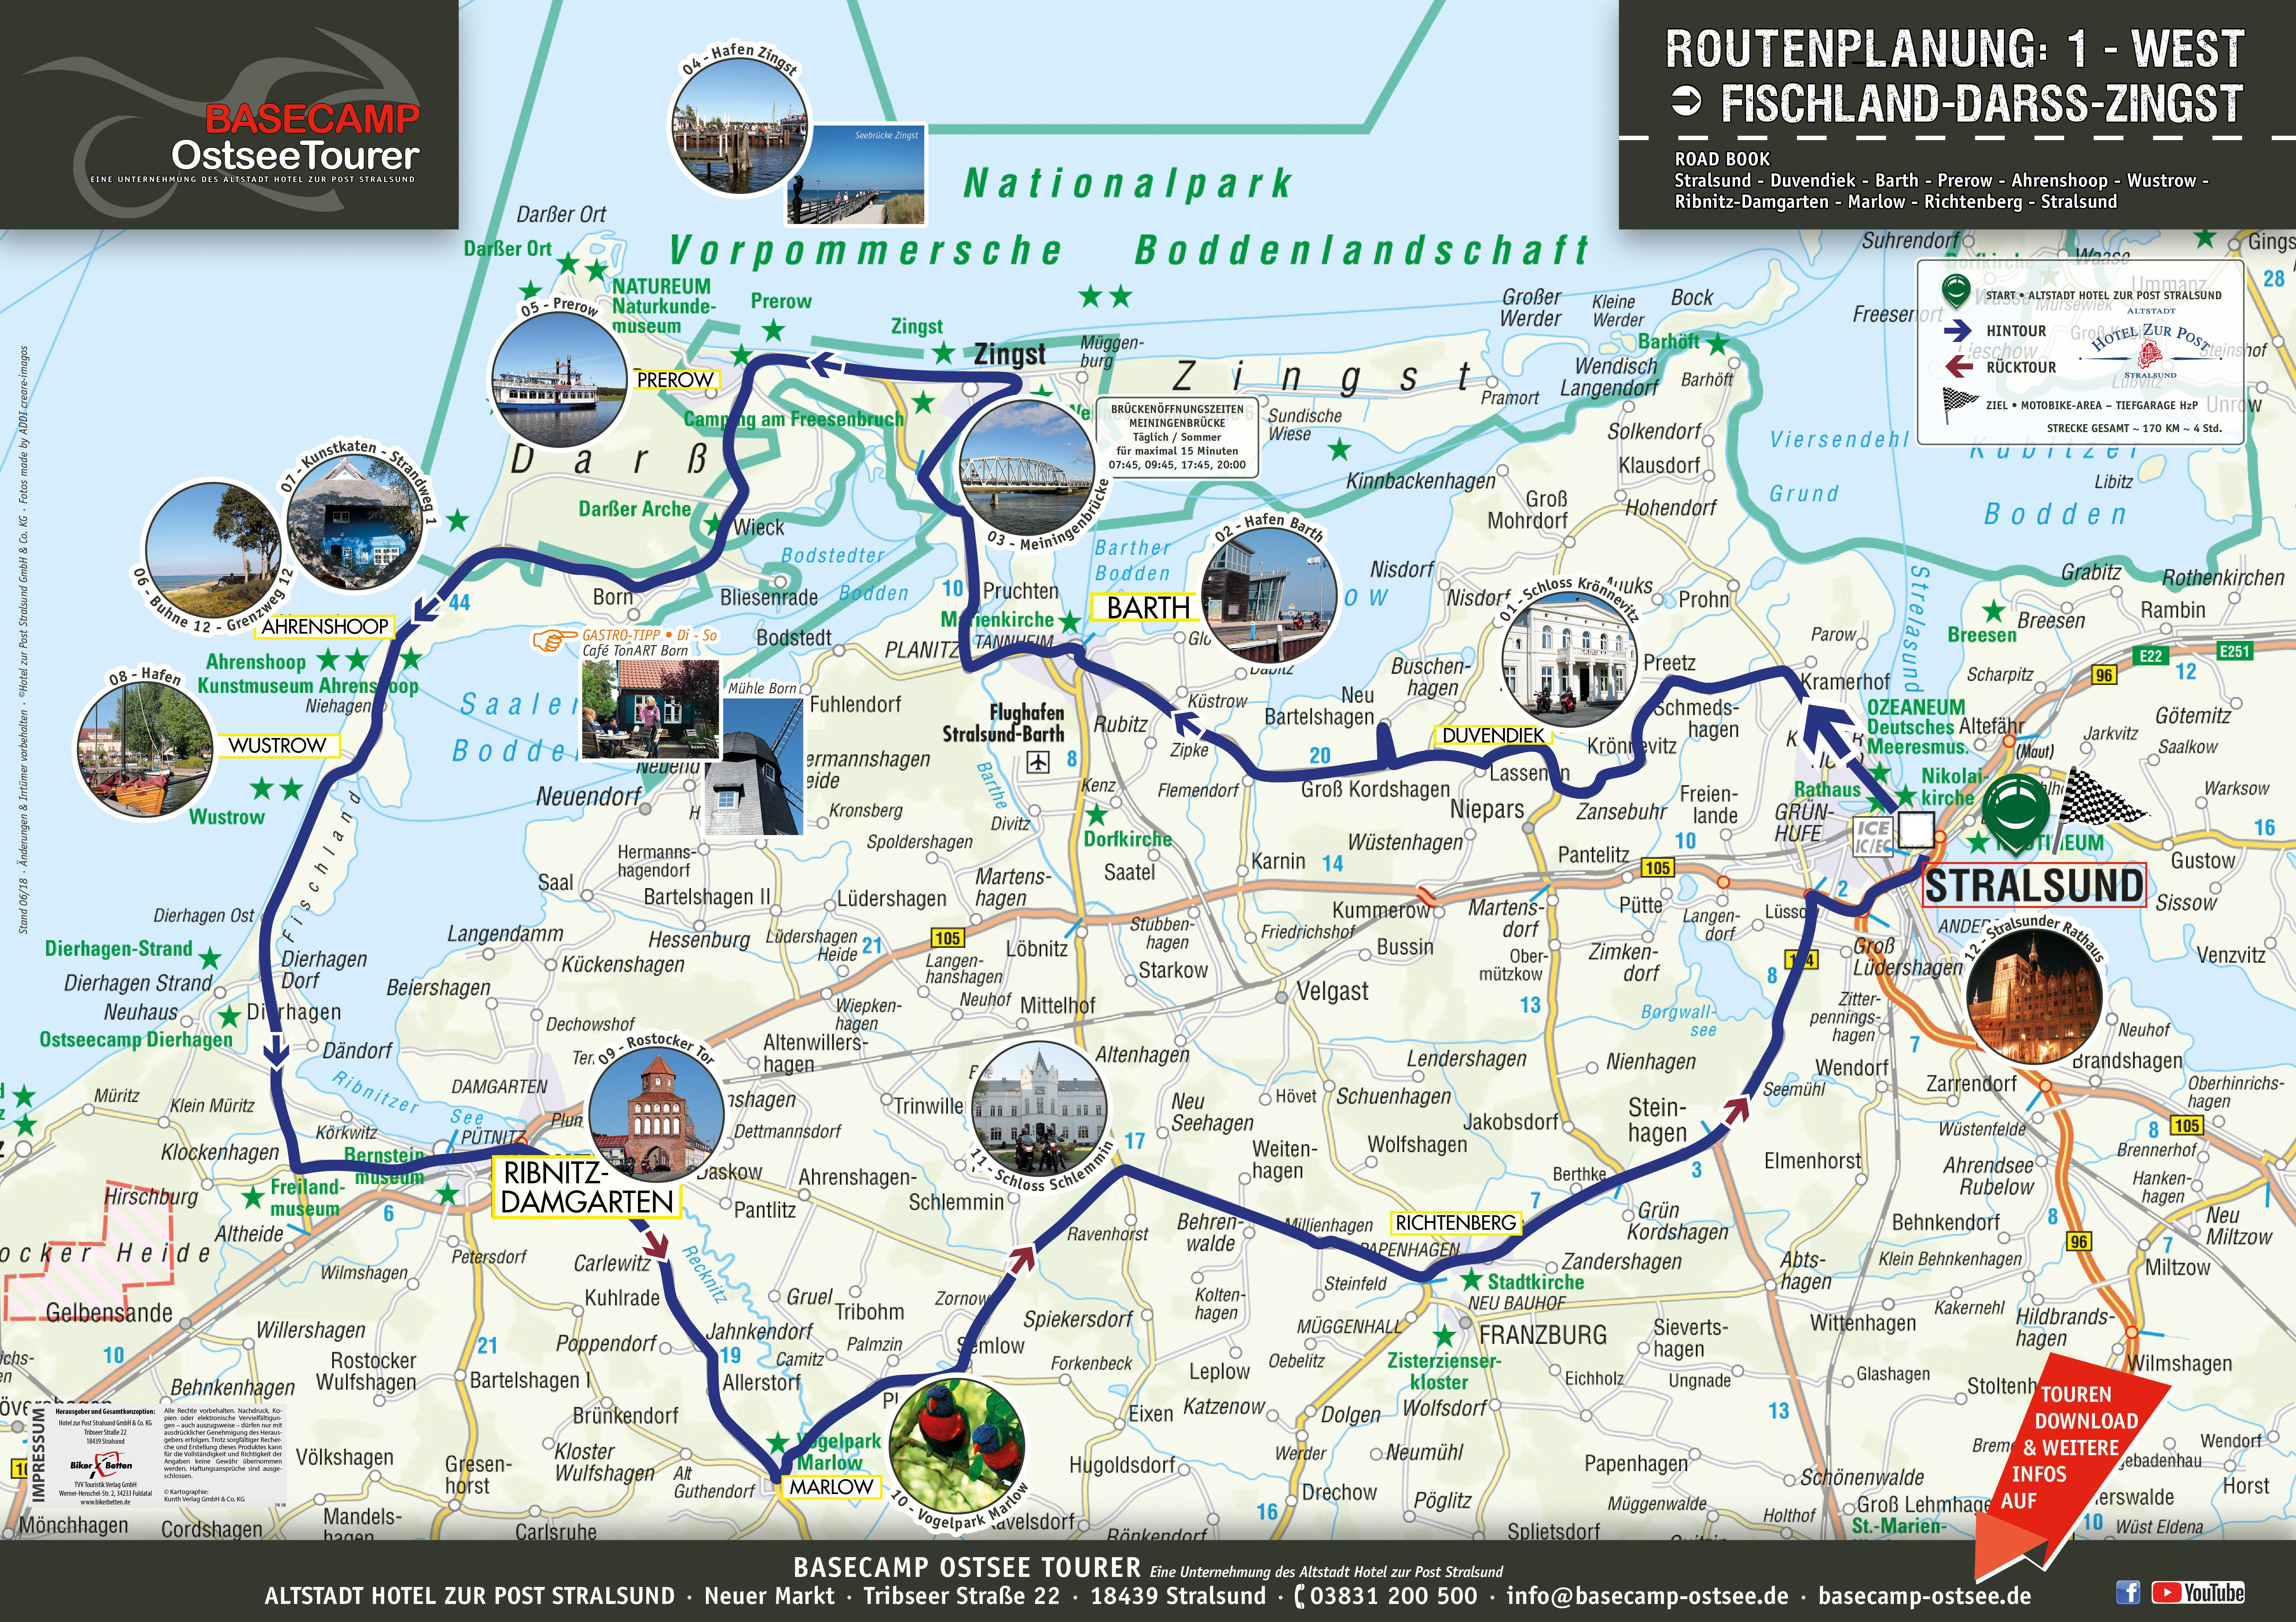 Fischland Darß Zingst Karte.Tour 1 Fischland Darß Zingst